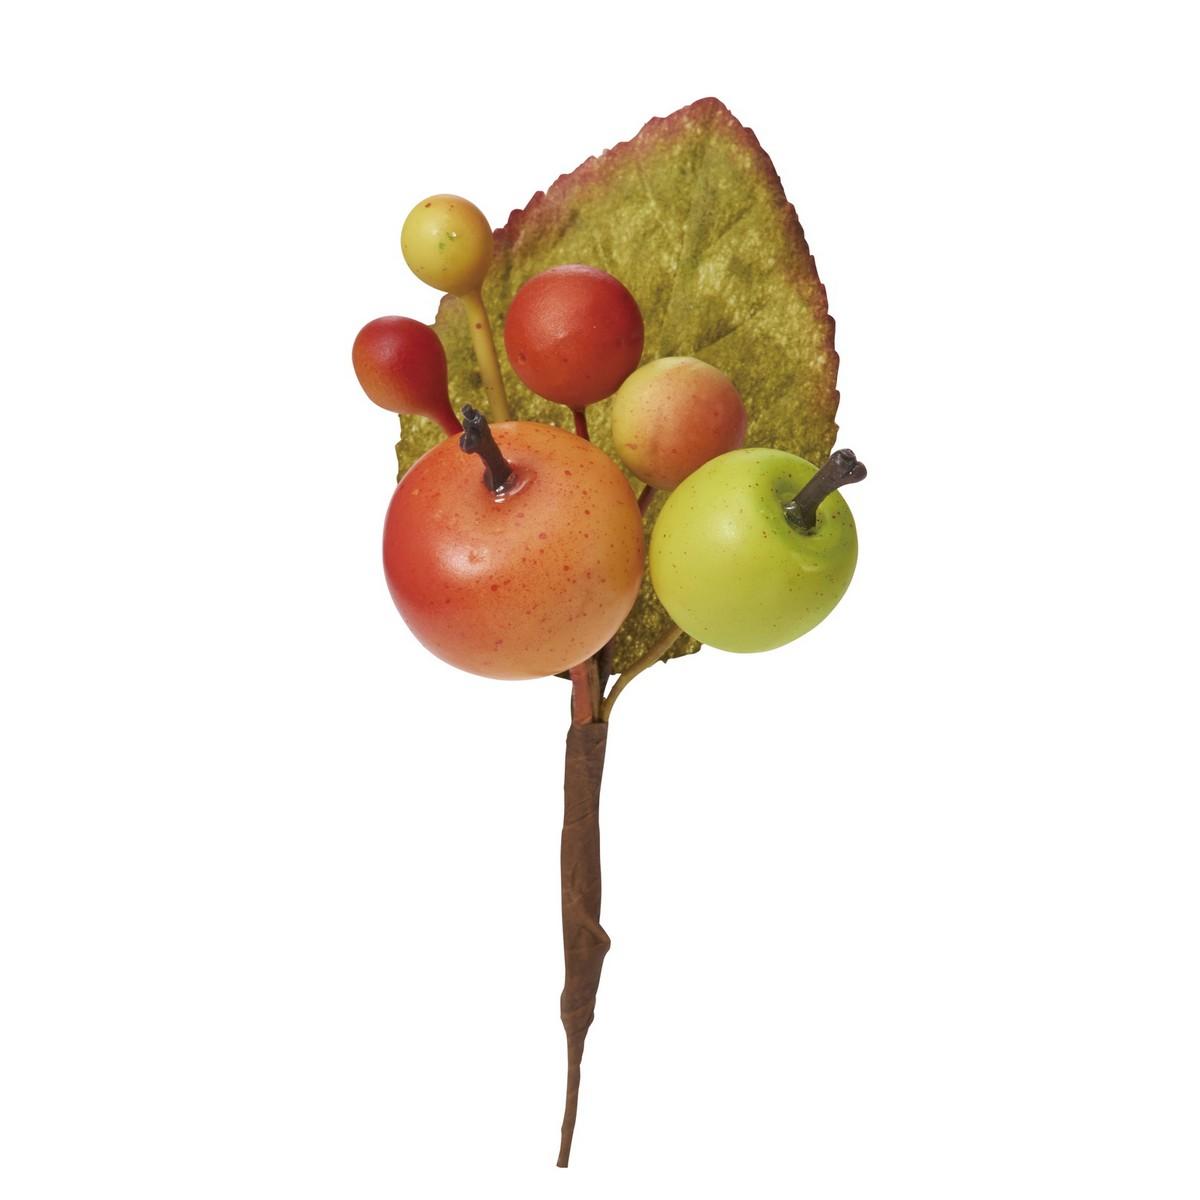 【造花】YDM/ミニアップルピック /HW -1305【01】【取寄】《 造花(アーティフィシャルフラワー) 造花実物、フェイクフルーツ アップル 》